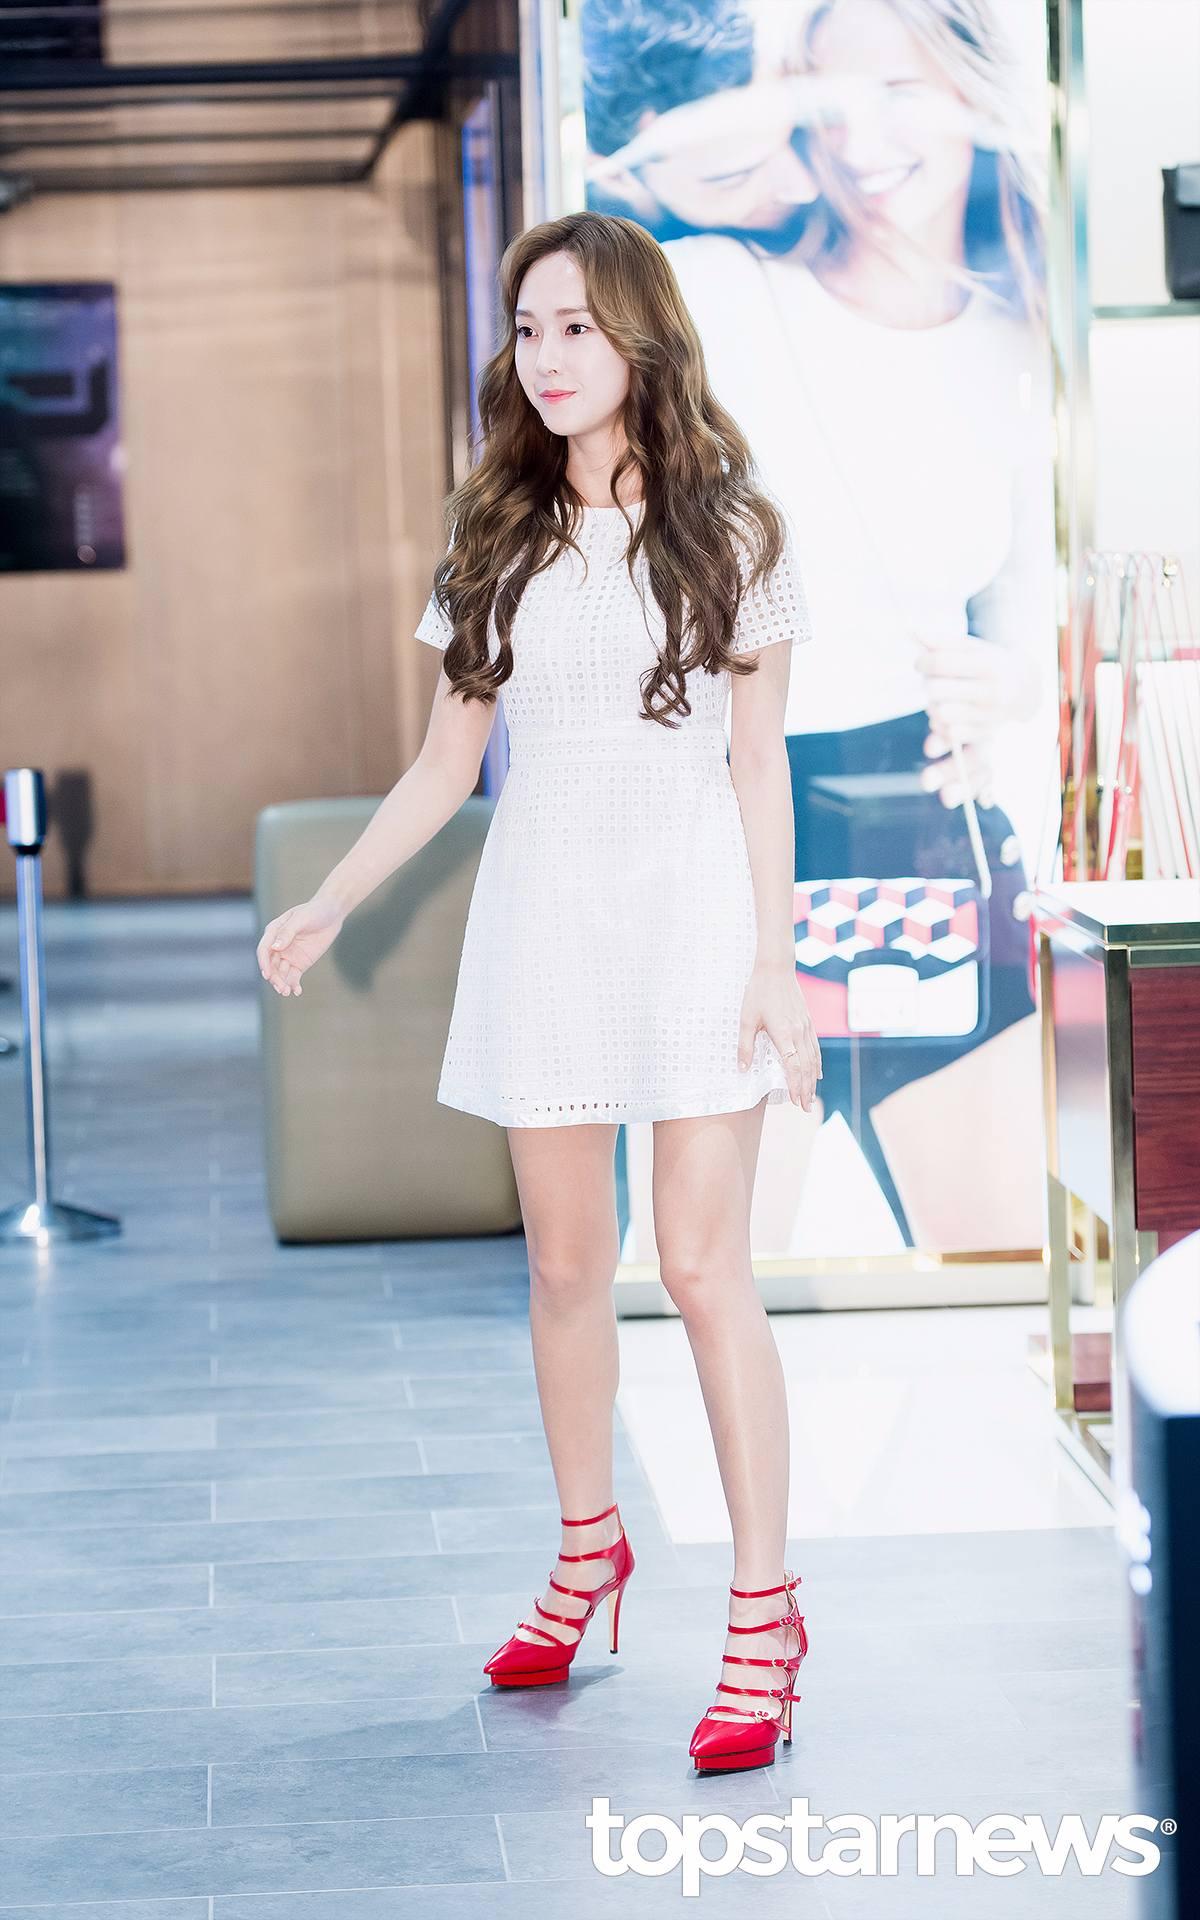 當天她更穿著自家品牌的白色小洋裝,搭配著她的牛奶白皙皮膚,腳踩鮮紅高跟鞋,剛好可以襯著她的珊瑚紅色口紅~